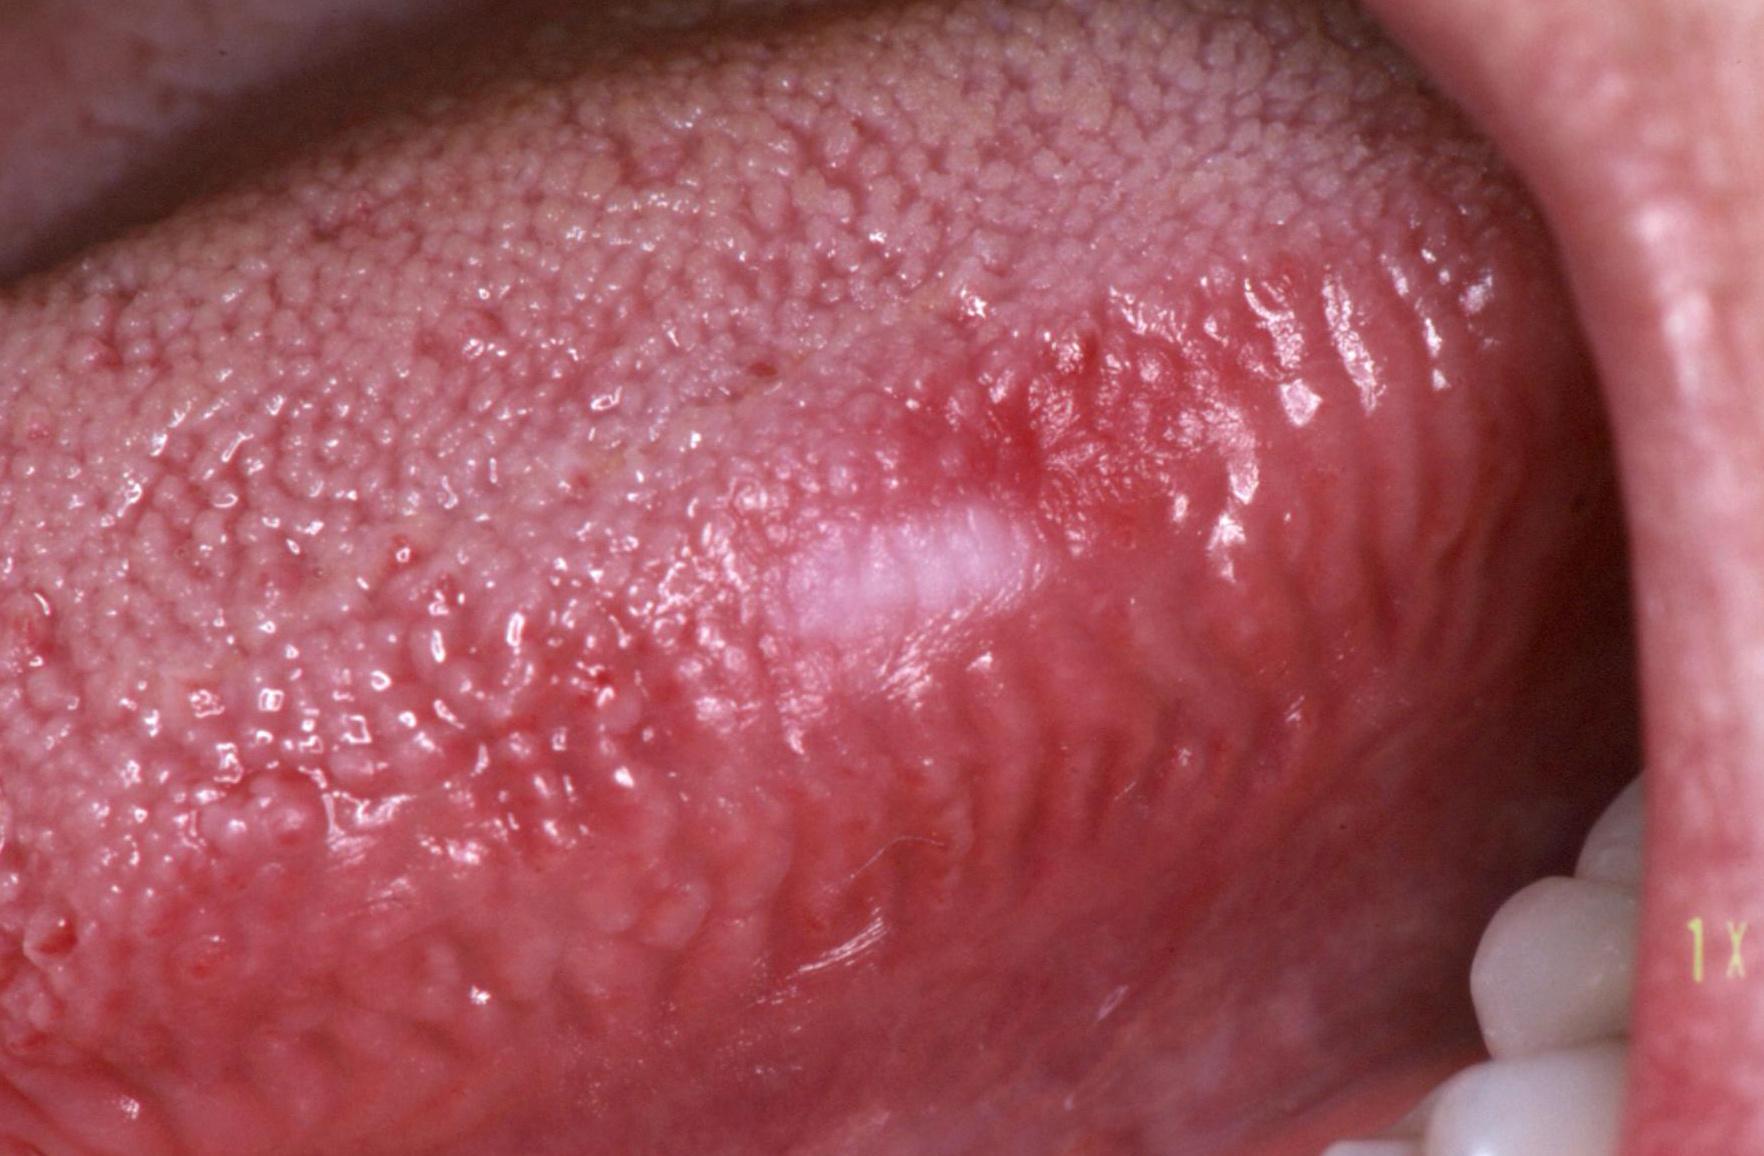 papilloma a szájban hogyan lehet eltávolítani